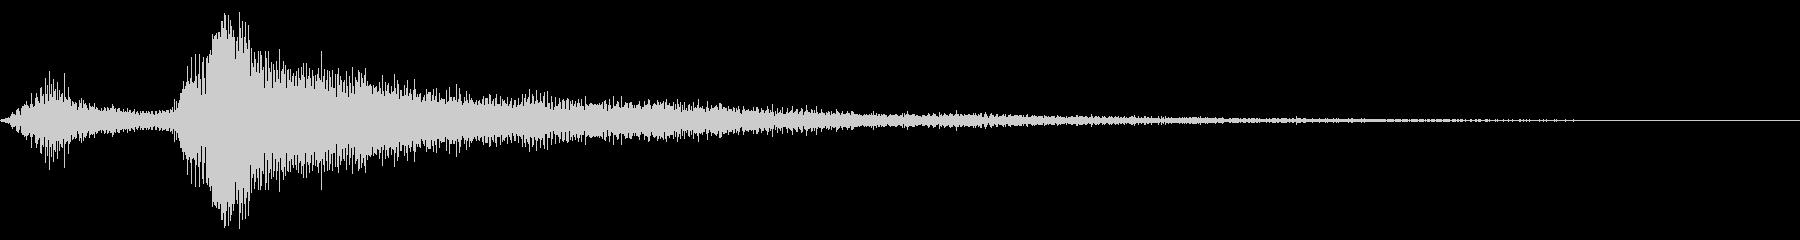 モペットの回転の未再生の波形